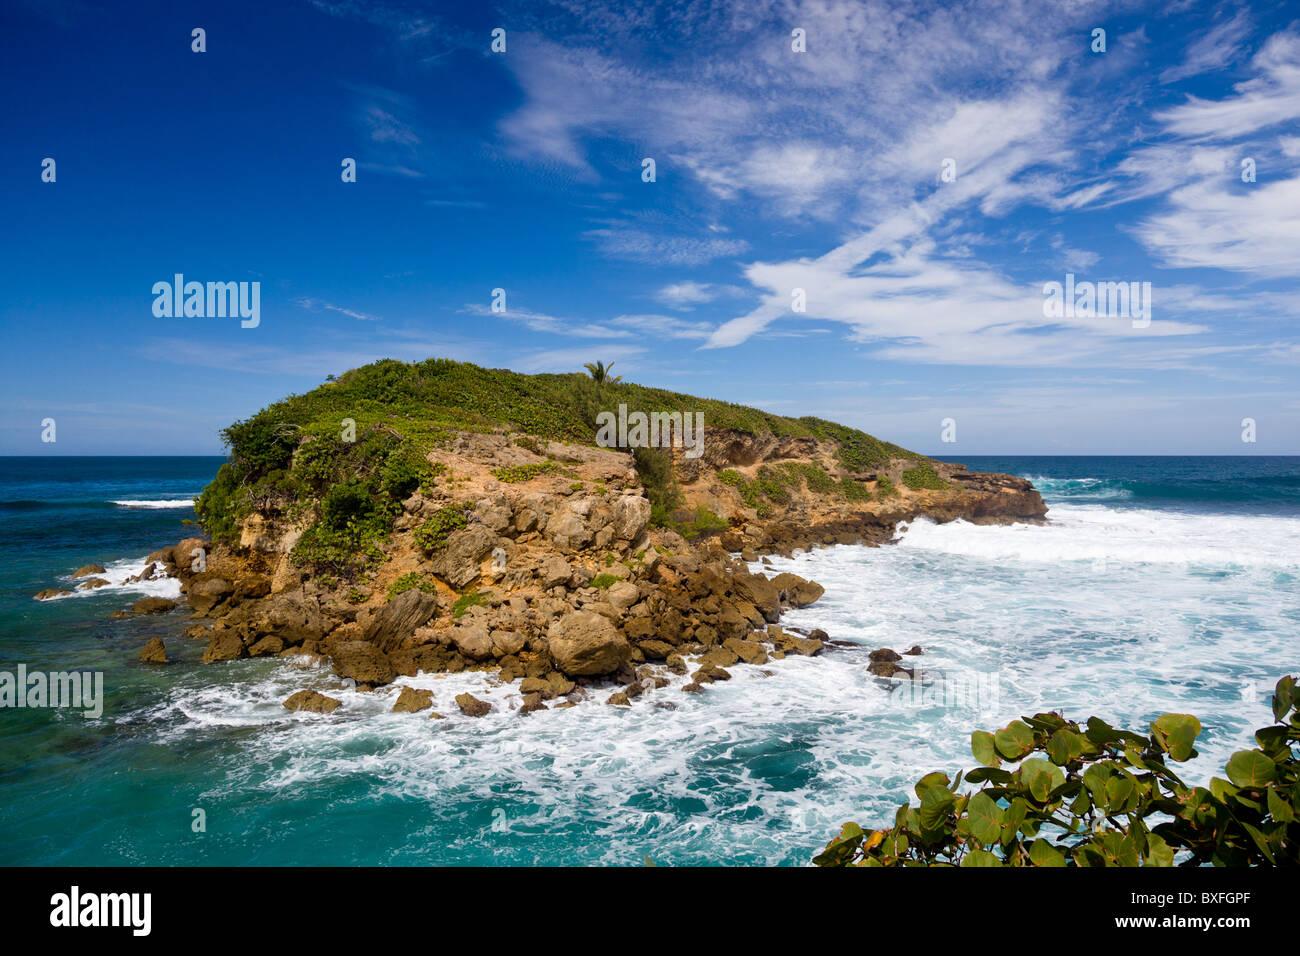 Isla rocosa en navegar fuera de la costa noreste de Puerto Rico Imagen De Stock